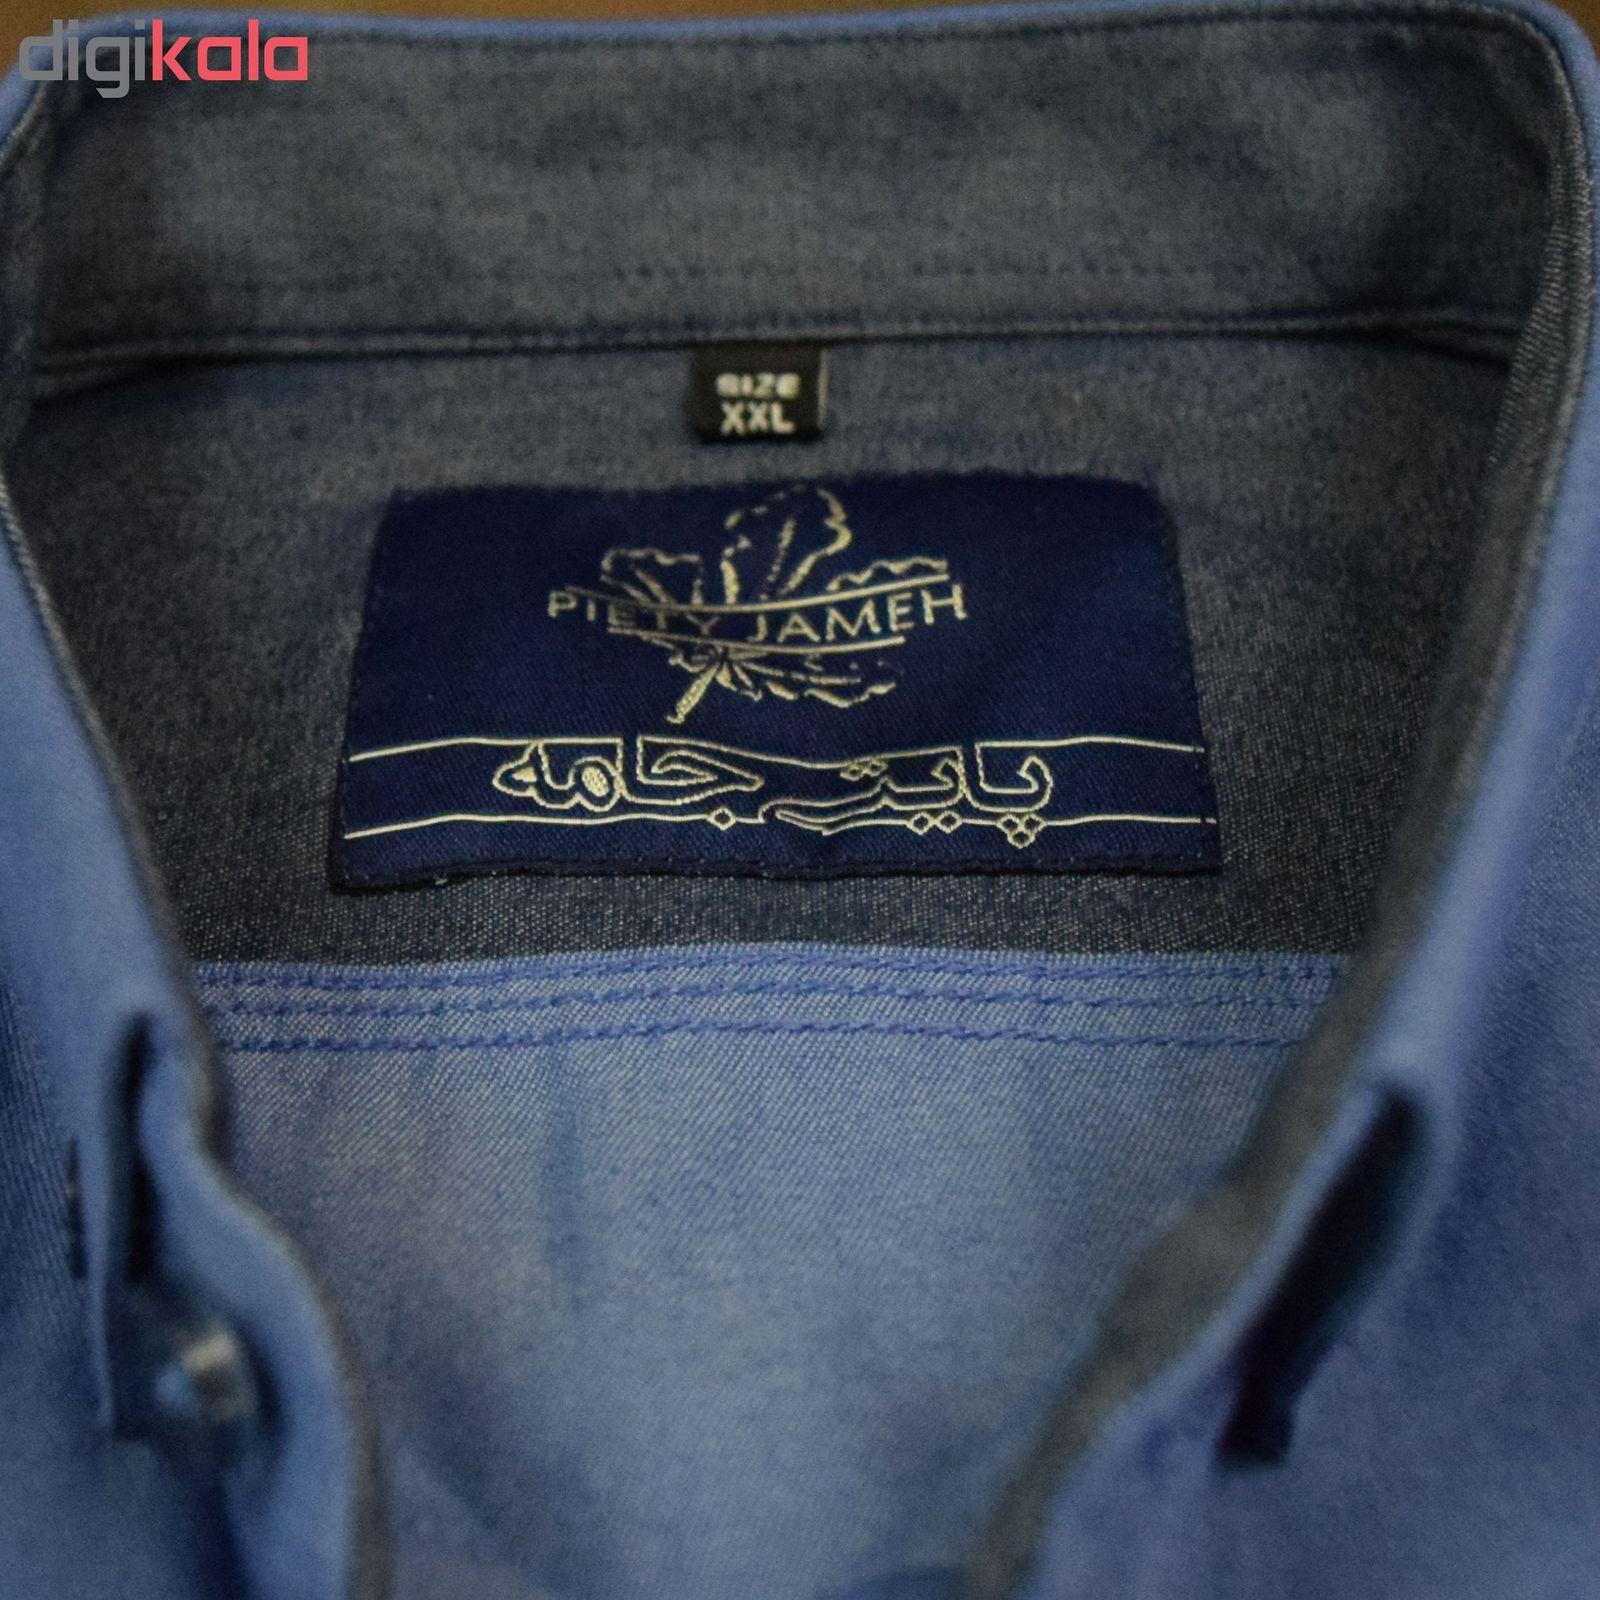 پیراهن مردانه پایتی جامه کد 1891615 main 1 8